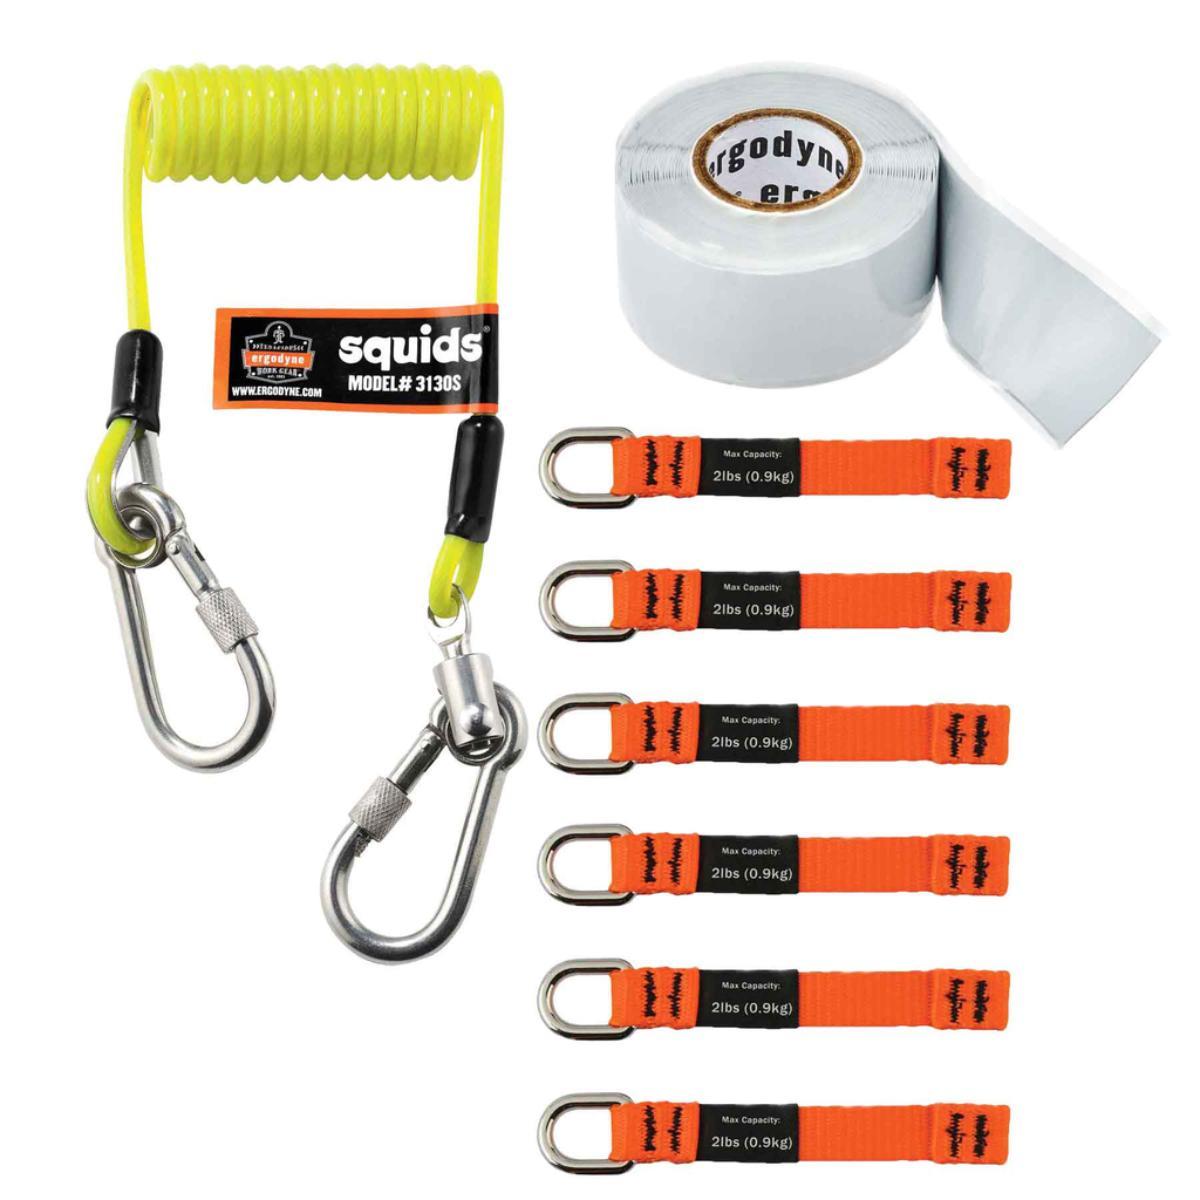 3180 Kit  Tool Tethering Kit - 2lb (0.9kg)